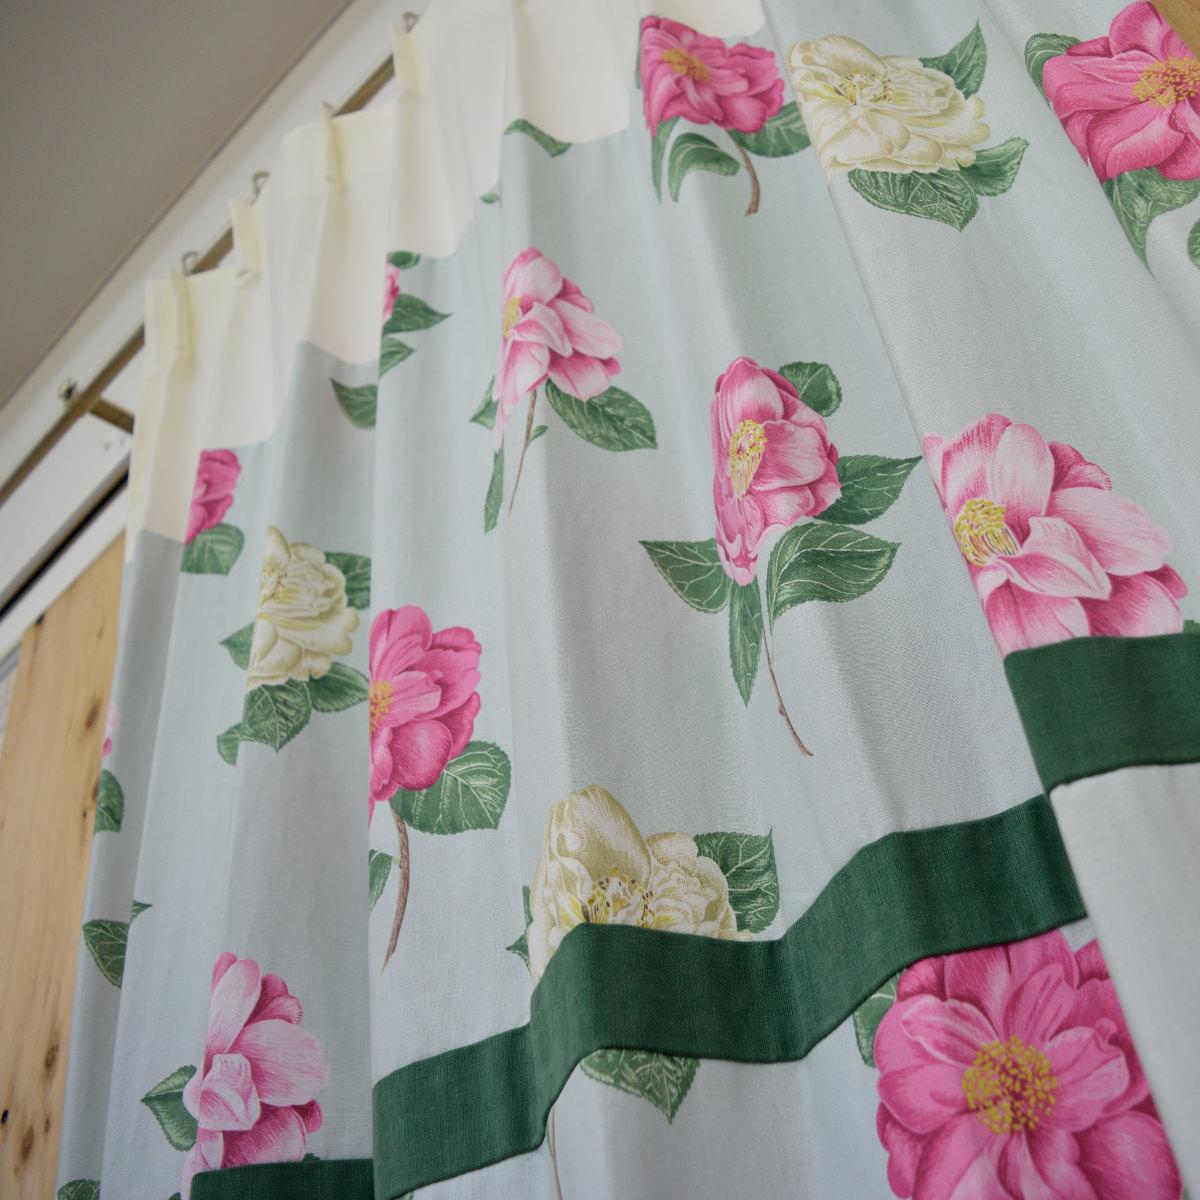 アイボリーグリーン花柄カーテン